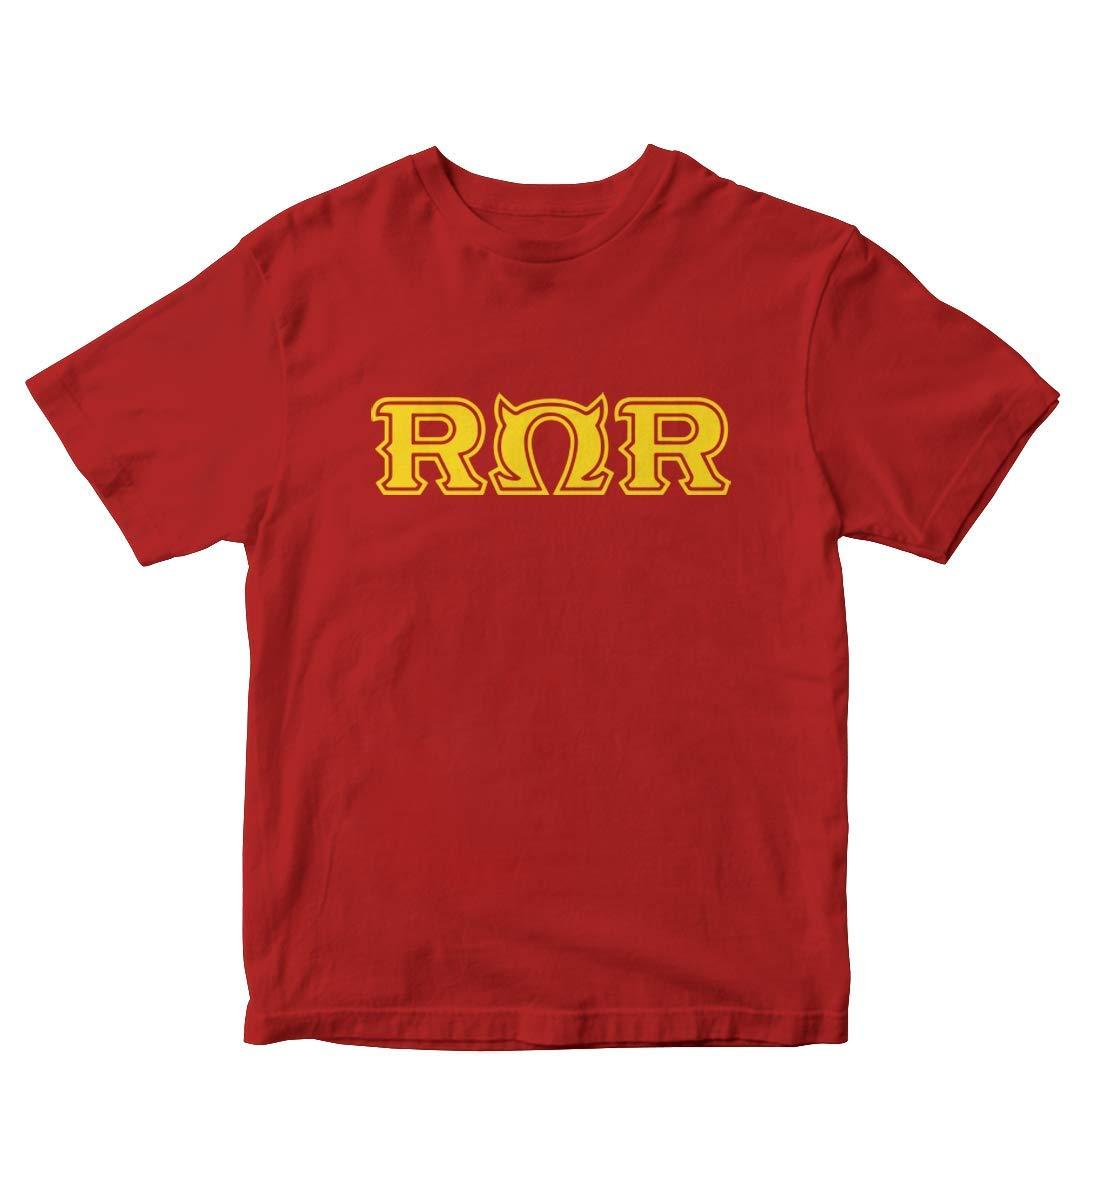 Roar Omega Roar Monster University Red Shirt S M115